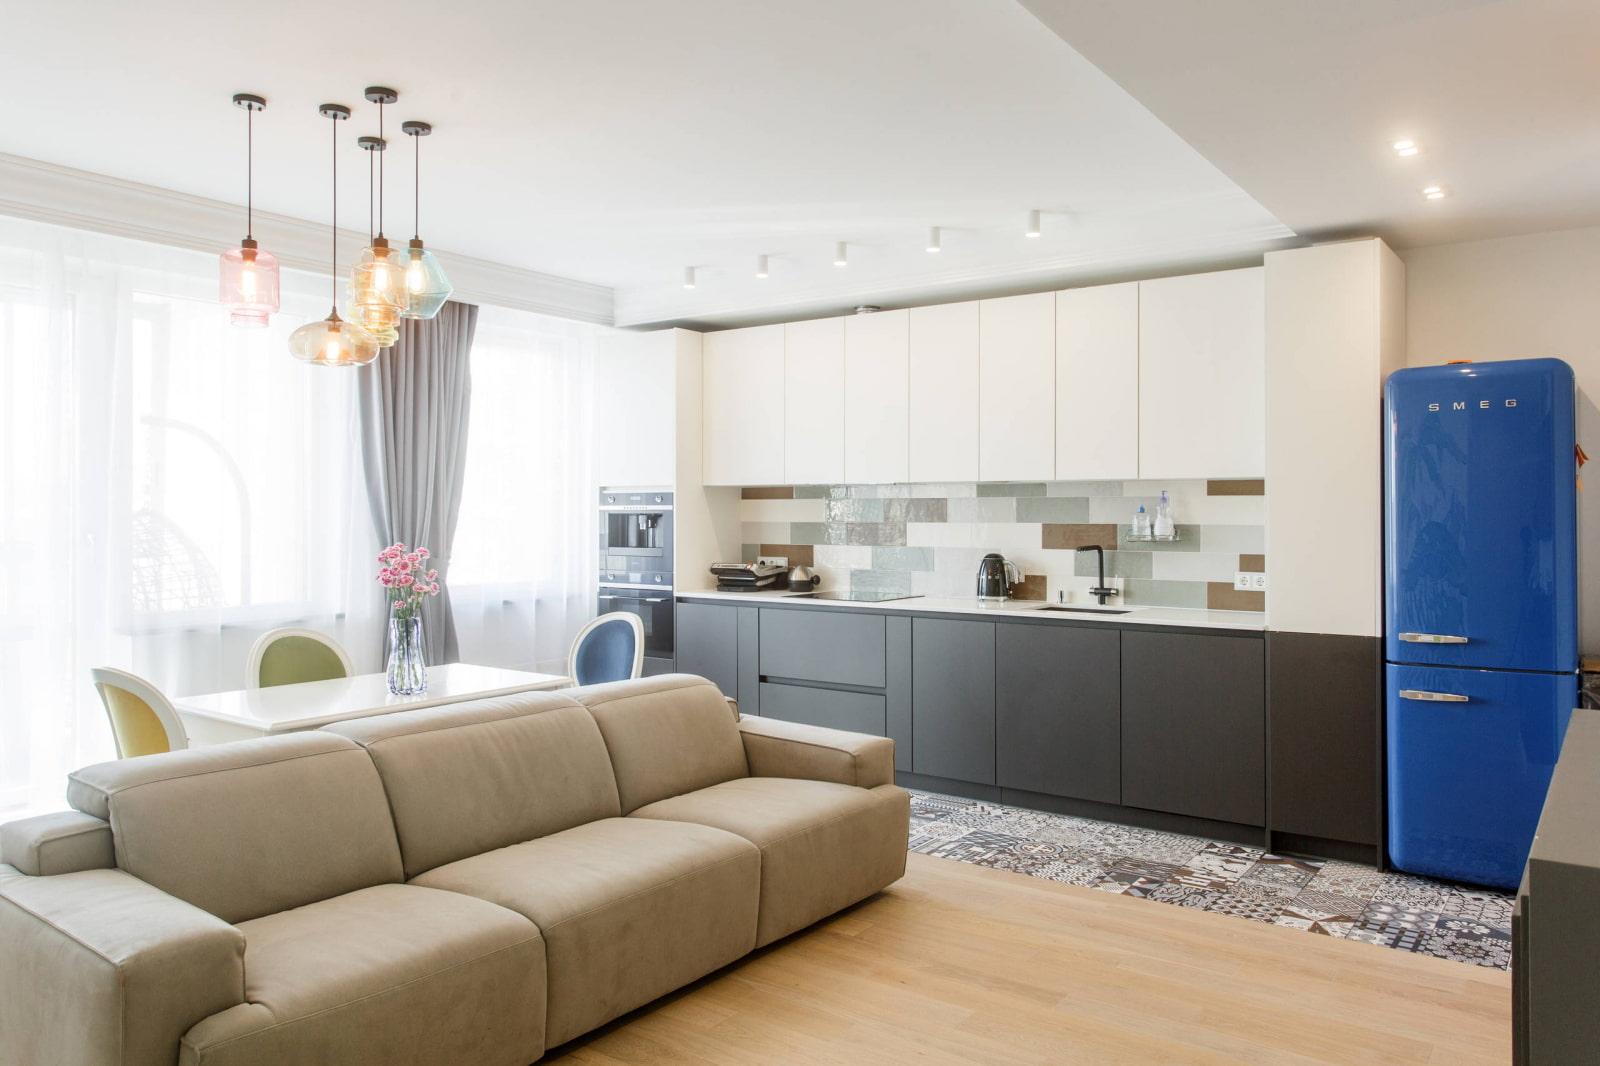 квадратная кухня-гостиная 25 метров